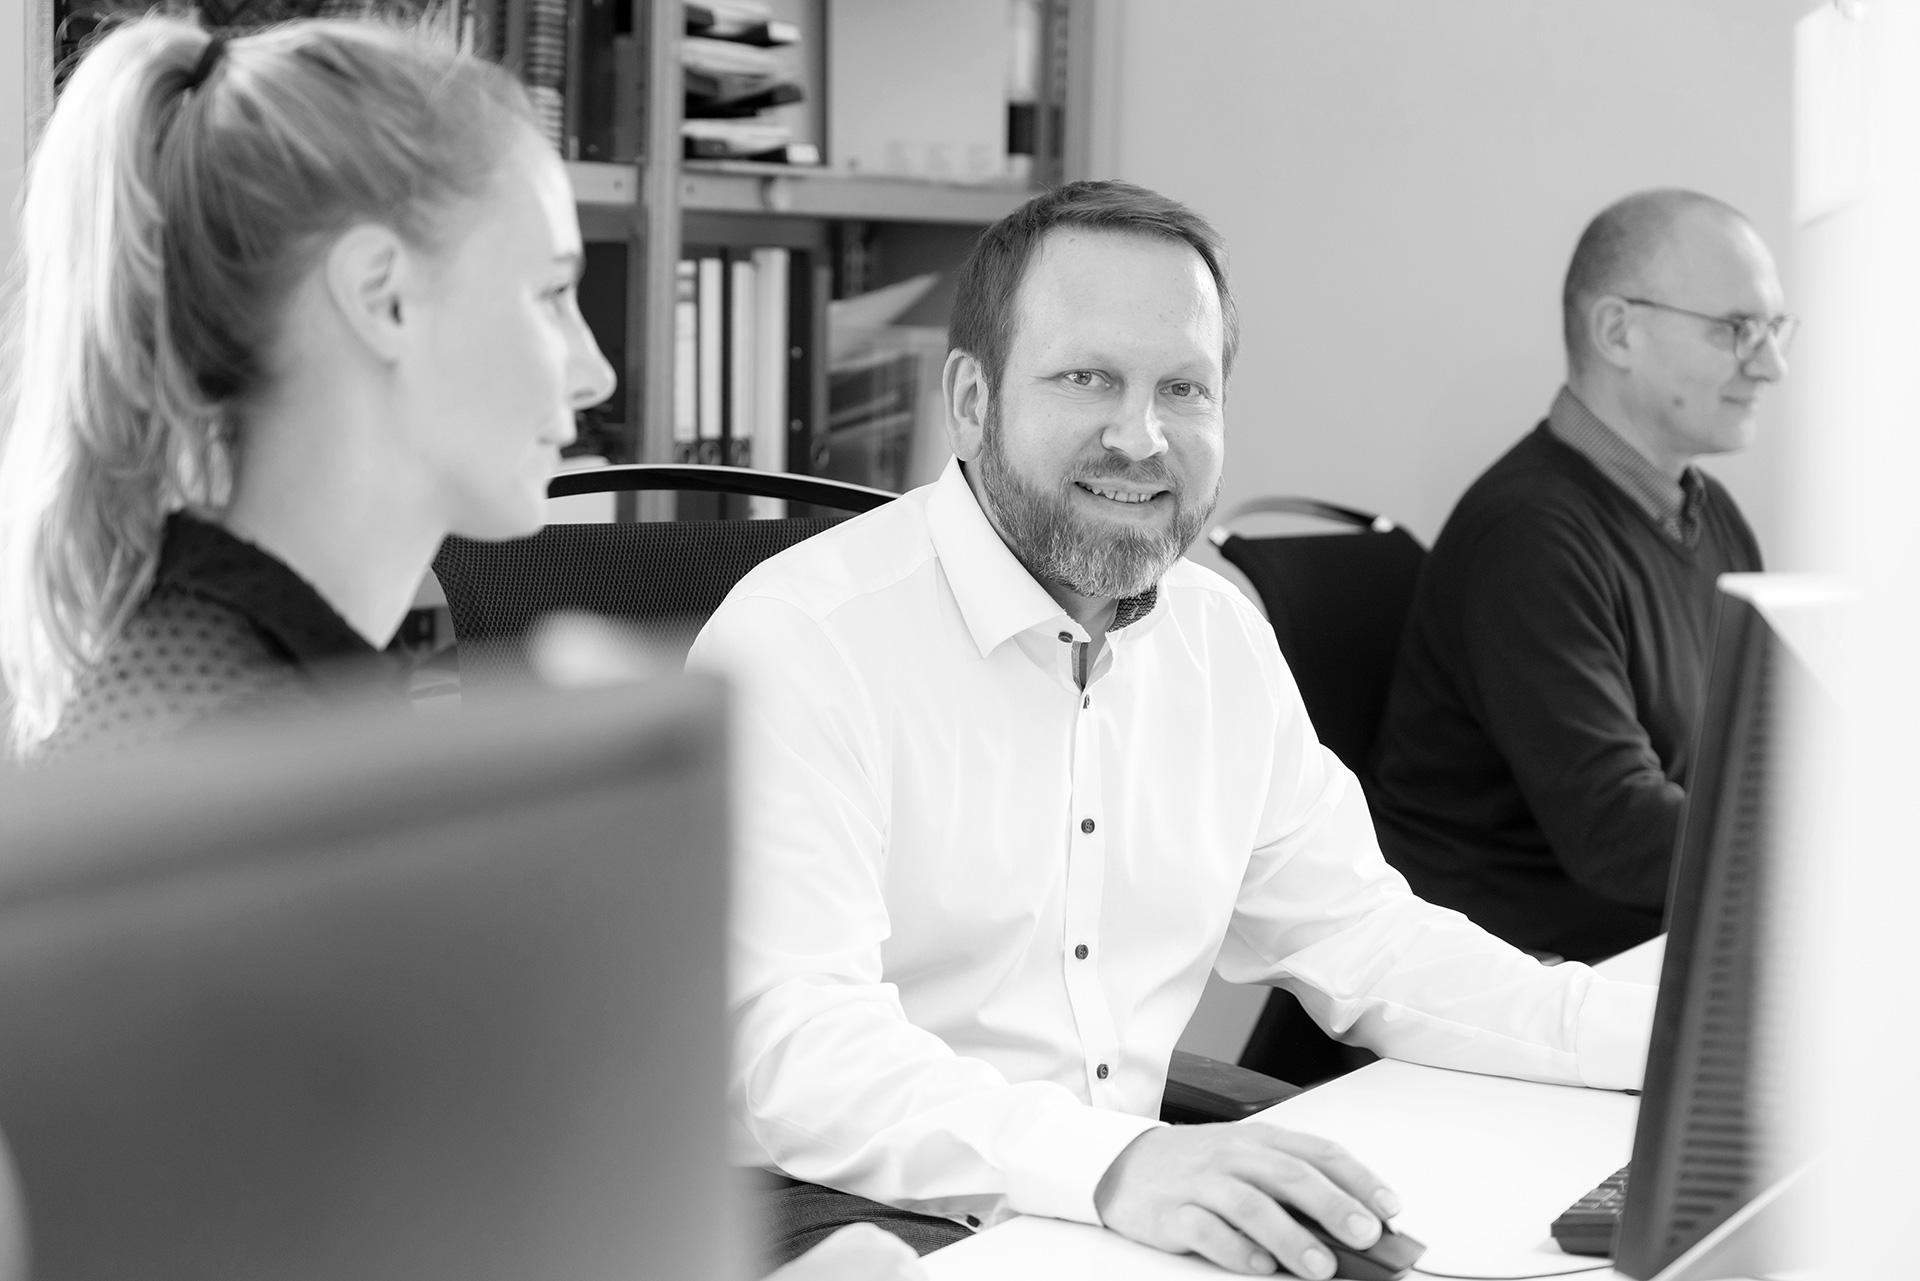 Katharina Klotz, Heinrich Böhm und Stefan Segebarth von JOI-Design.